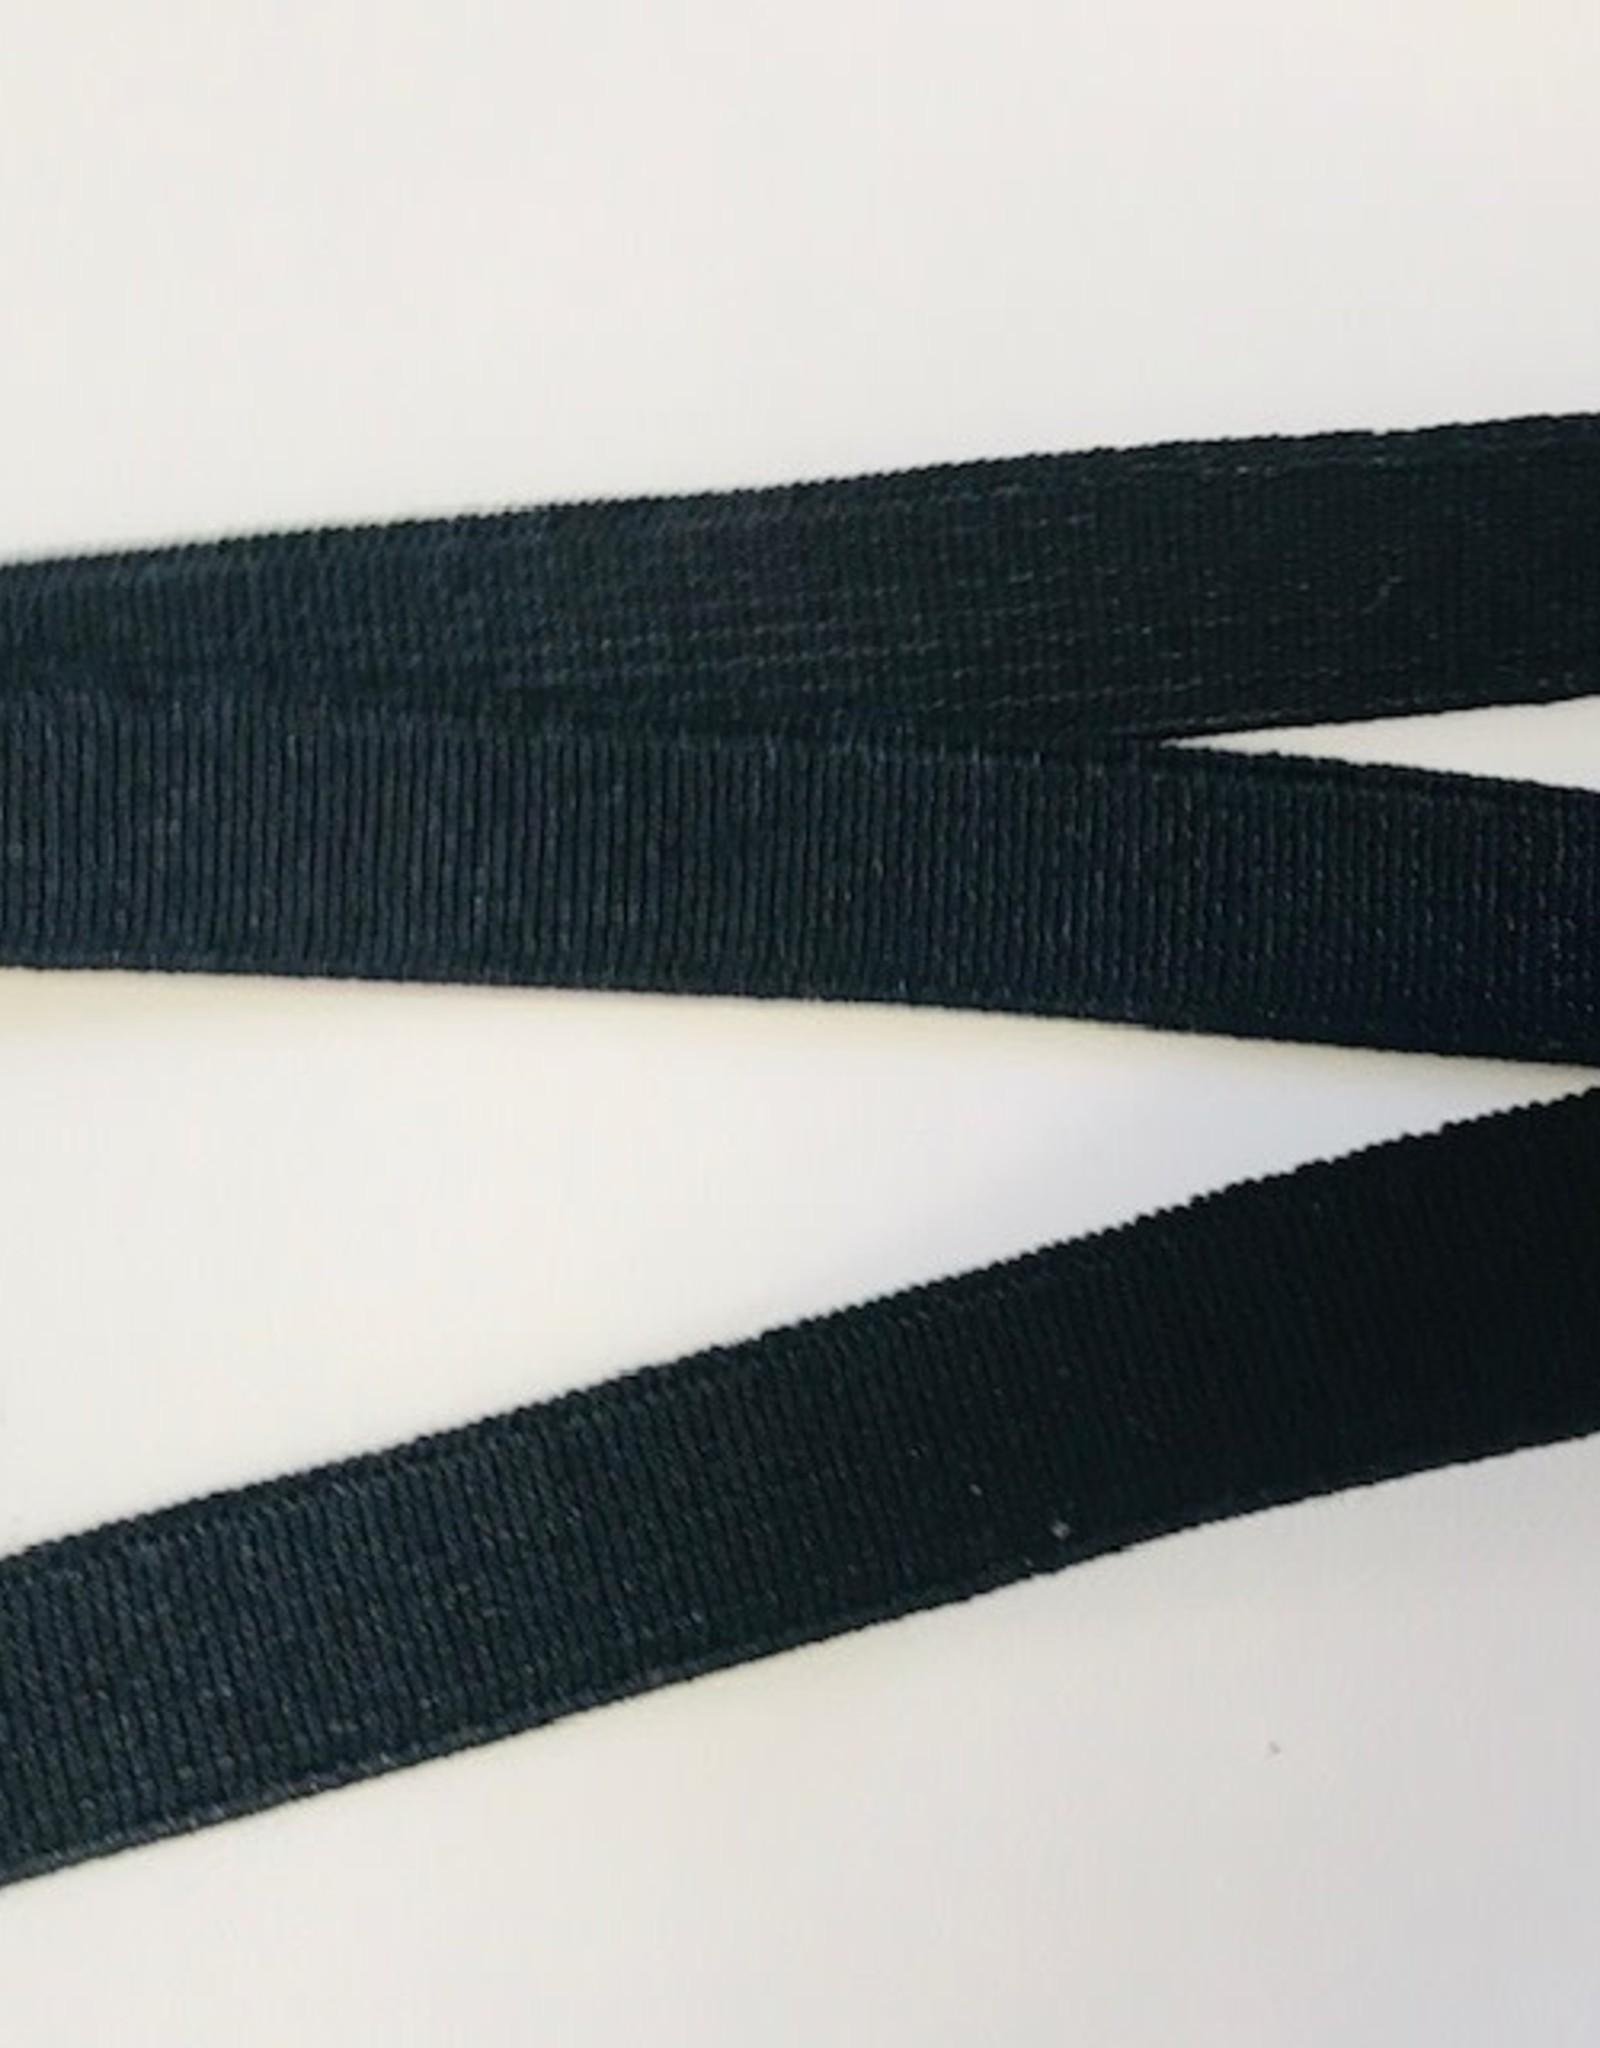 GEWEVEN ELASTIEK  zacht 15mm zwart